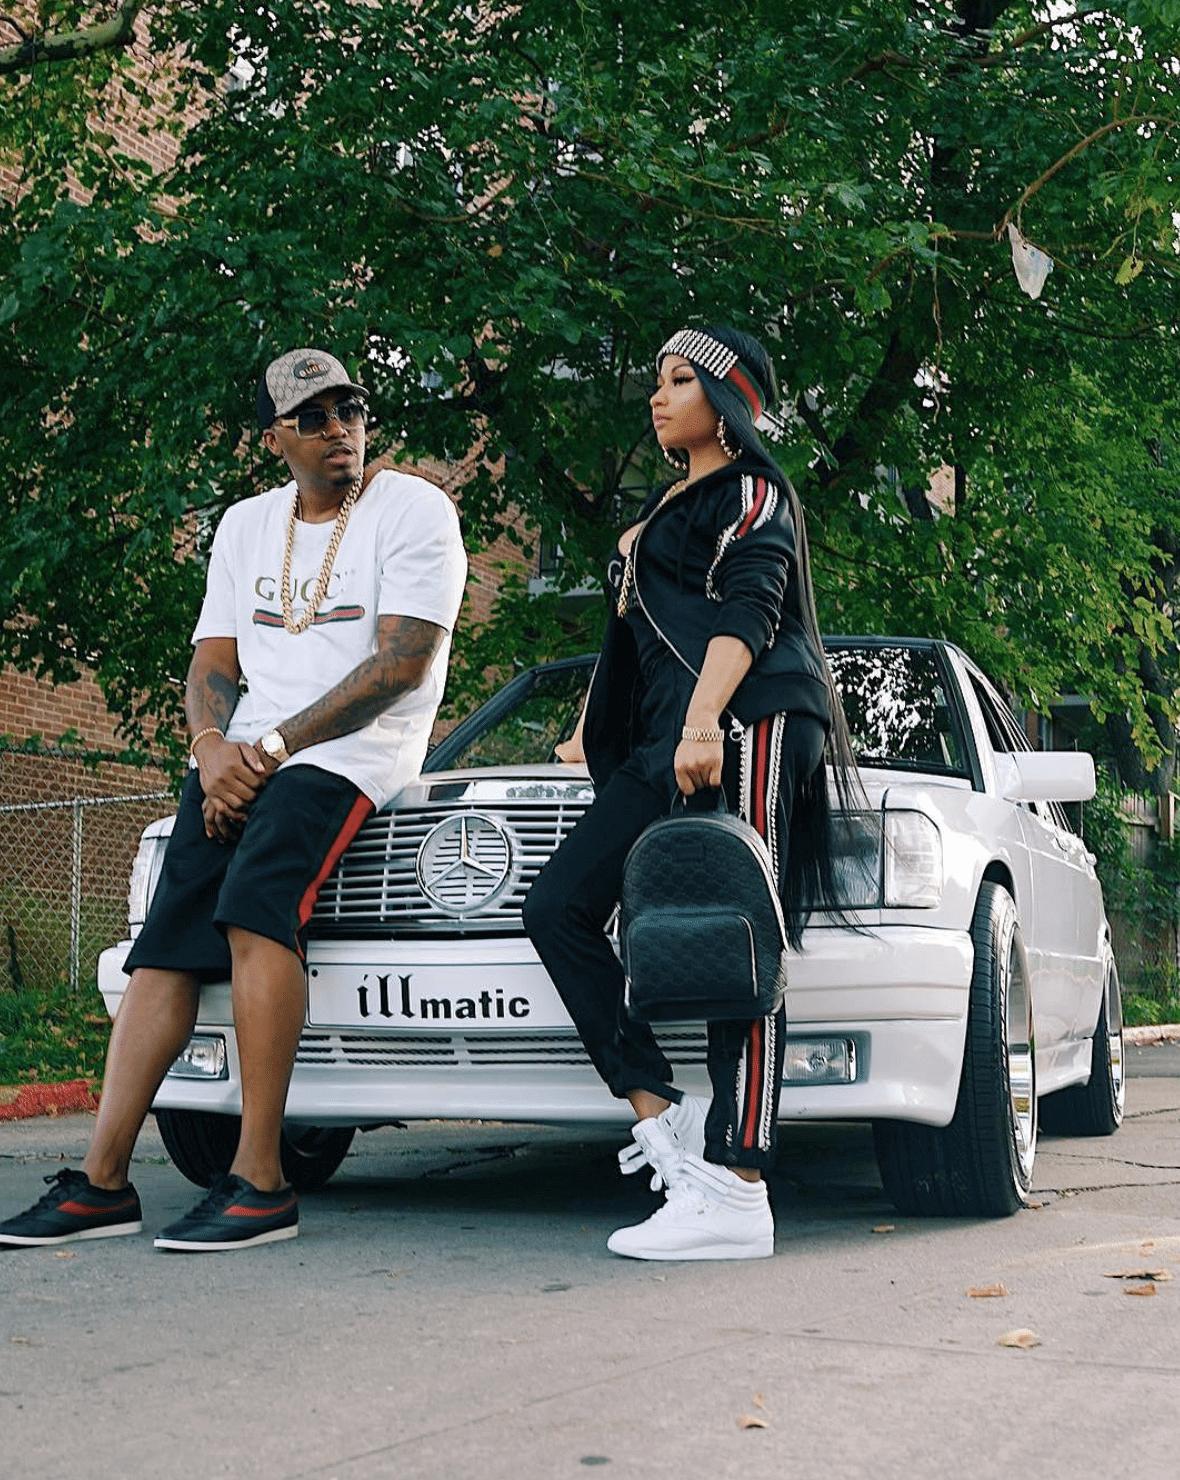 Nas in the Gucci Sneakers & Nicki Minaj in the Reebok Freestyle Hi